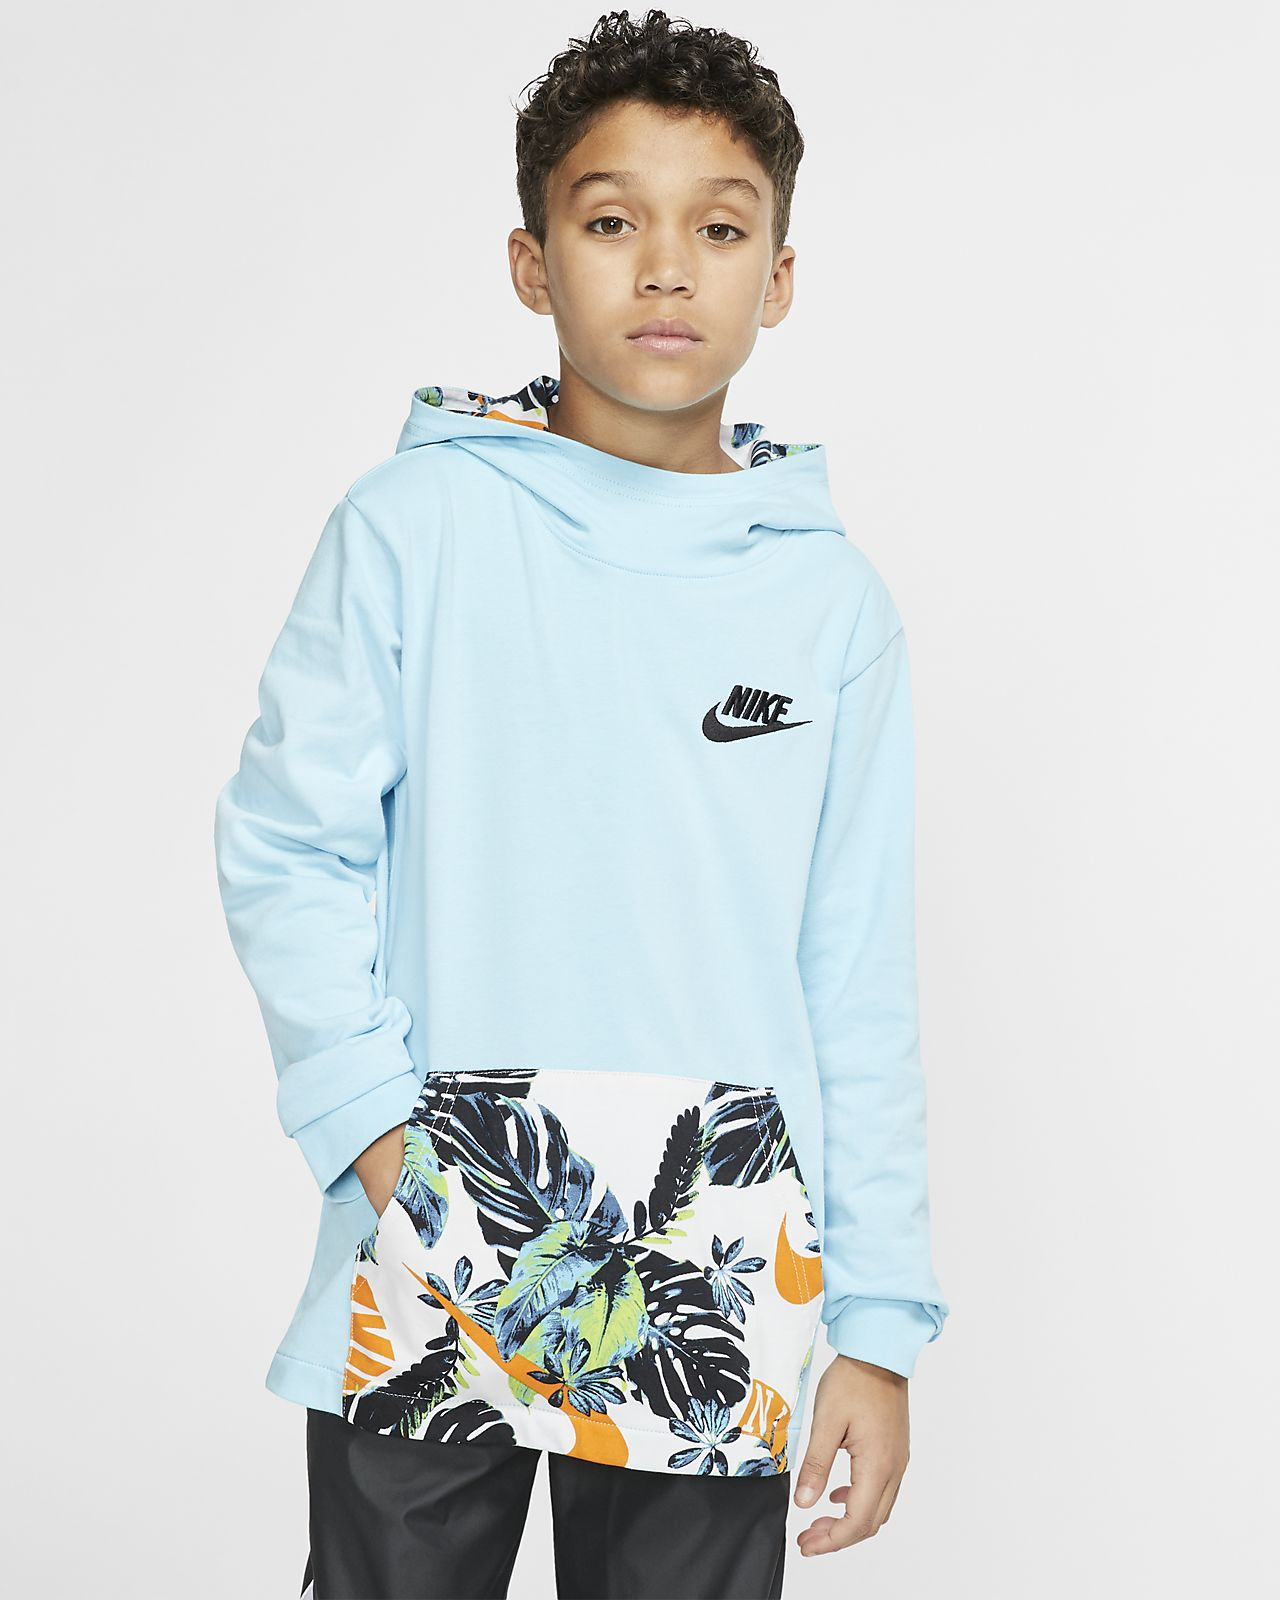 Μπλούζα με κουκούλα και φερμουάρ στο μισό μήκος Nike Sportswear για μεγάλα παιδιά